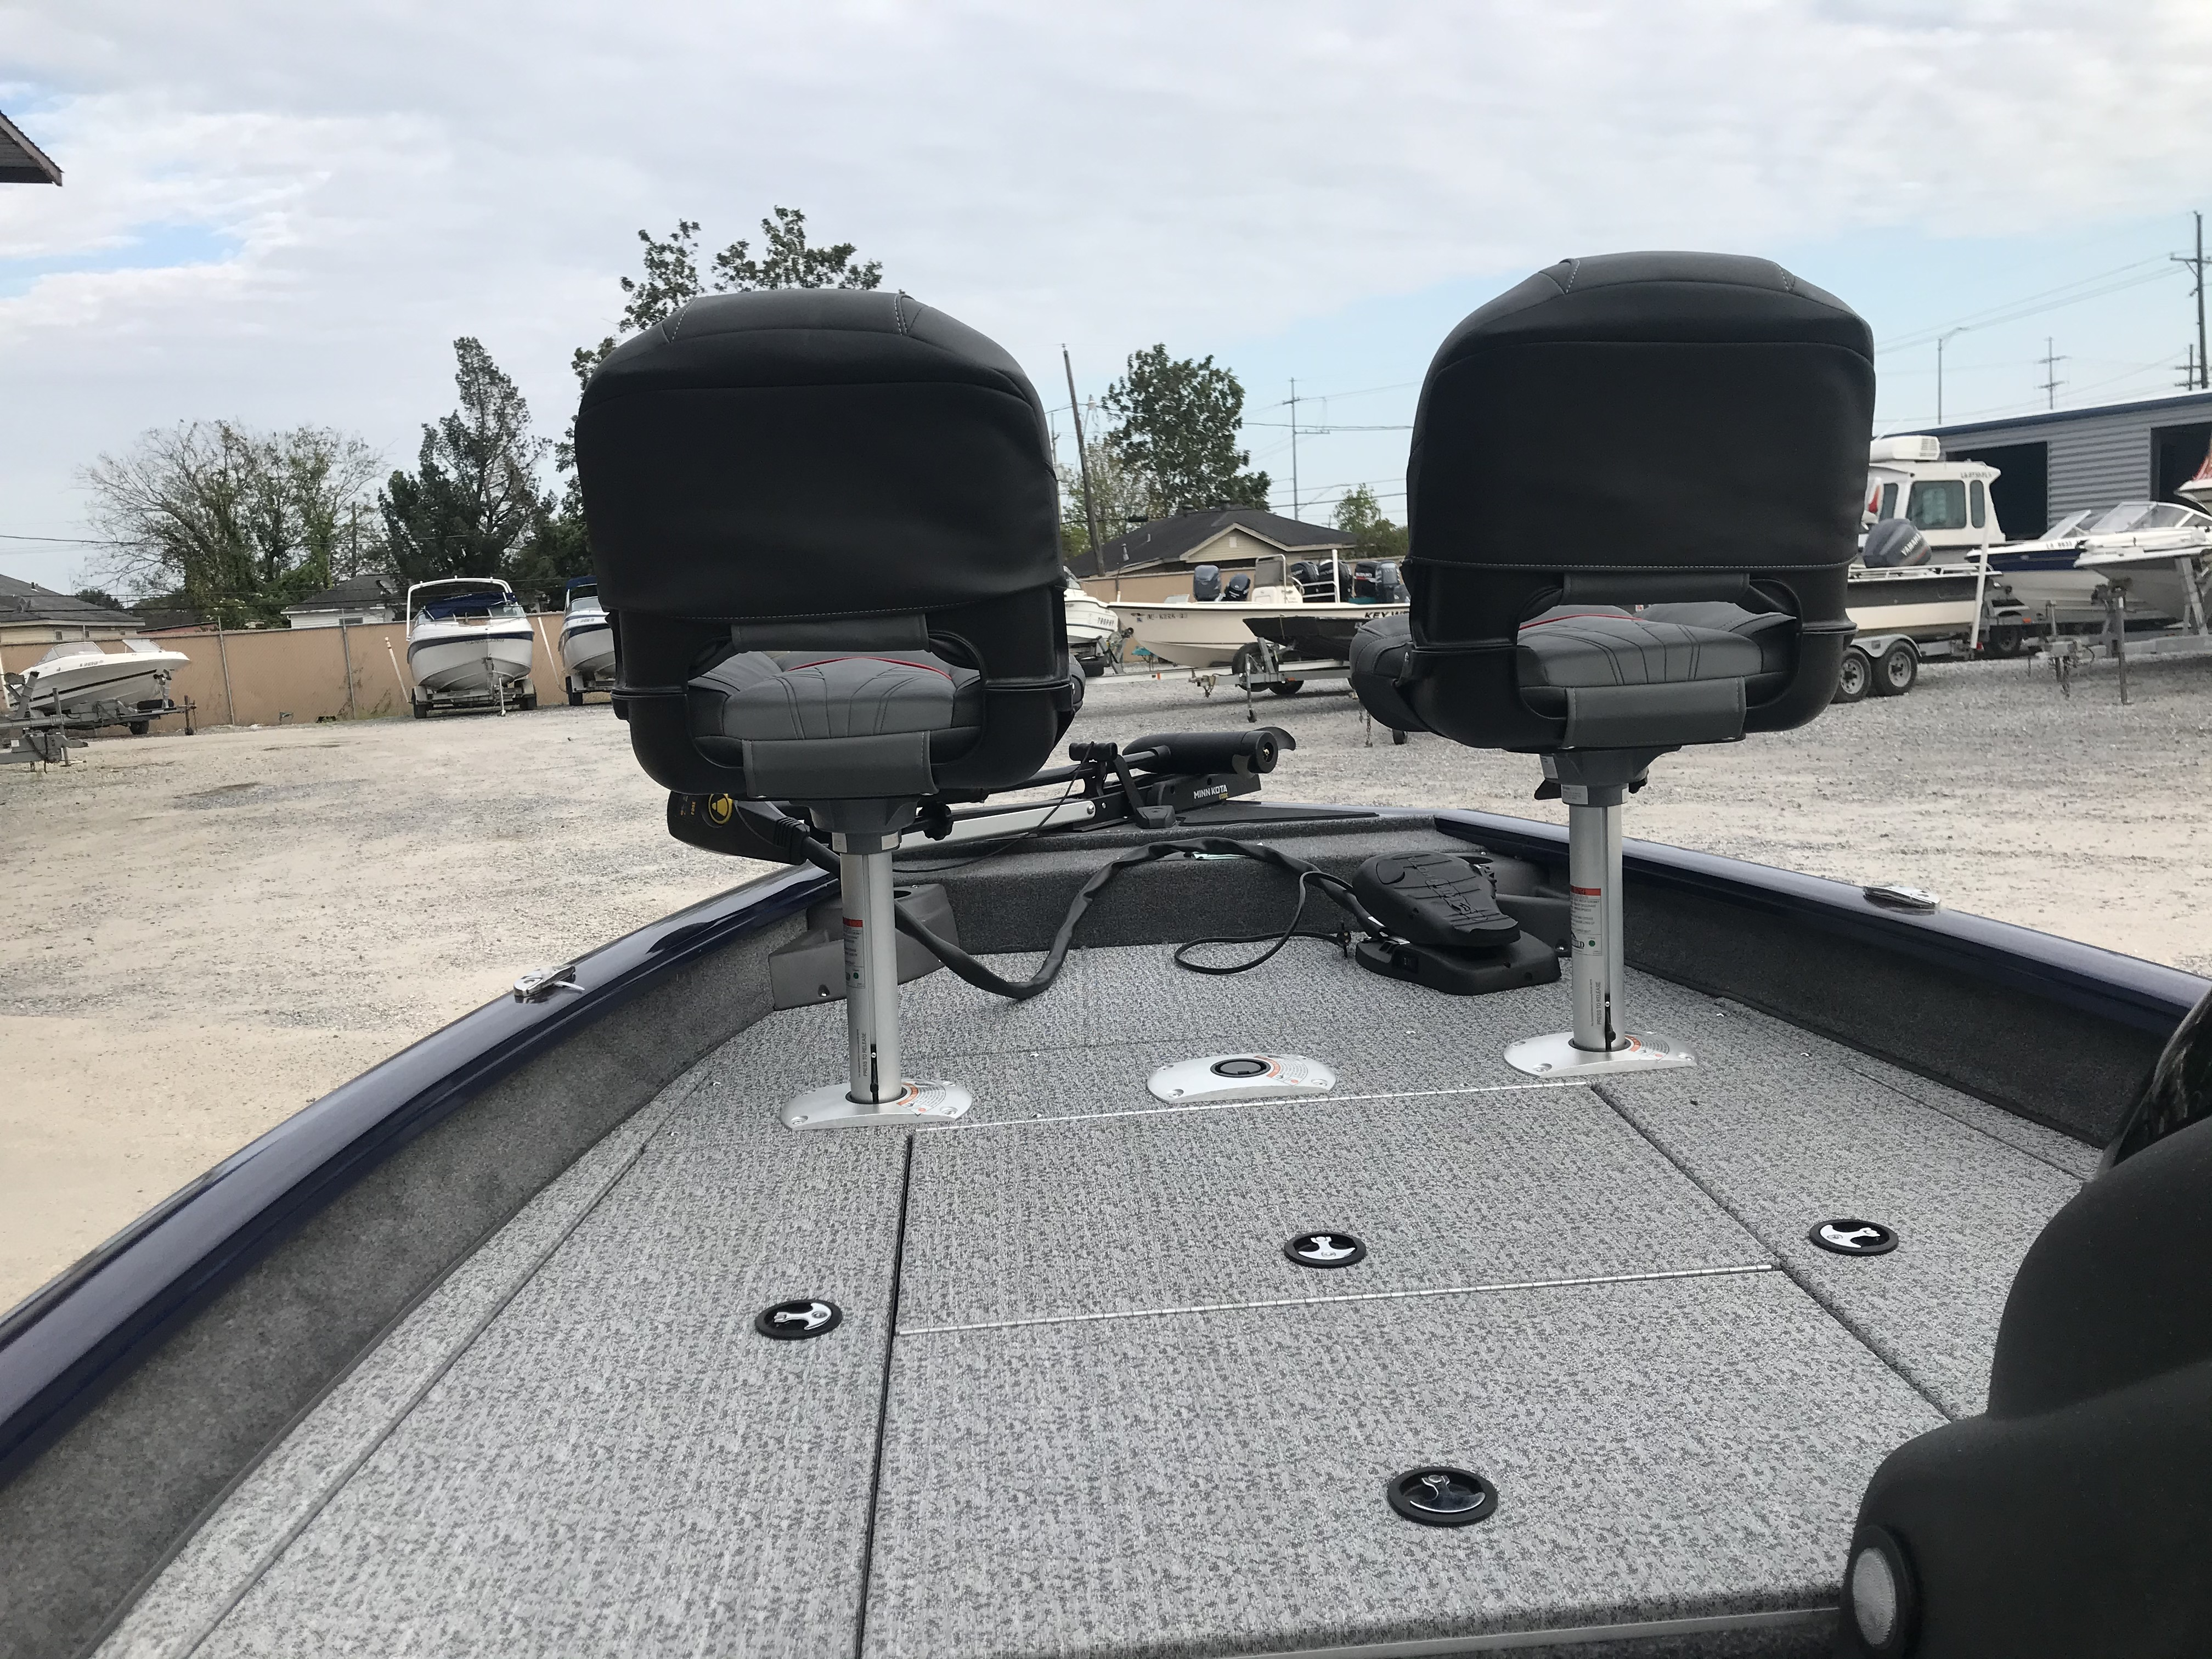 New  2022 Tracker Boats Bass Boat in Marrero, Louisiana